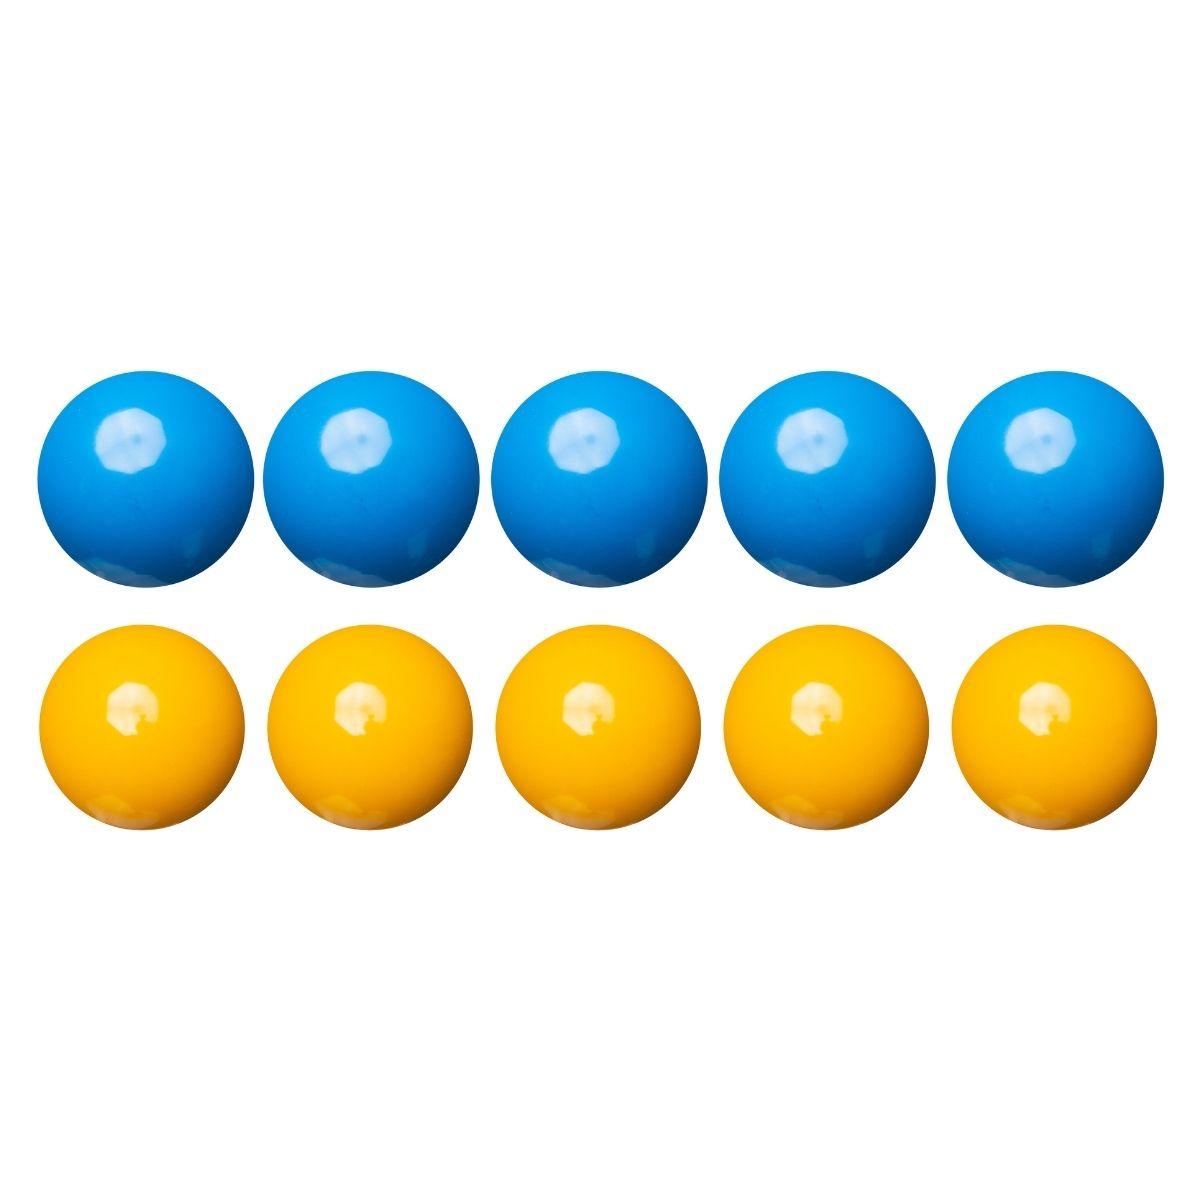 Jogo de Bolas Lisa - Mata Mata Amarelo / Azul 54mm